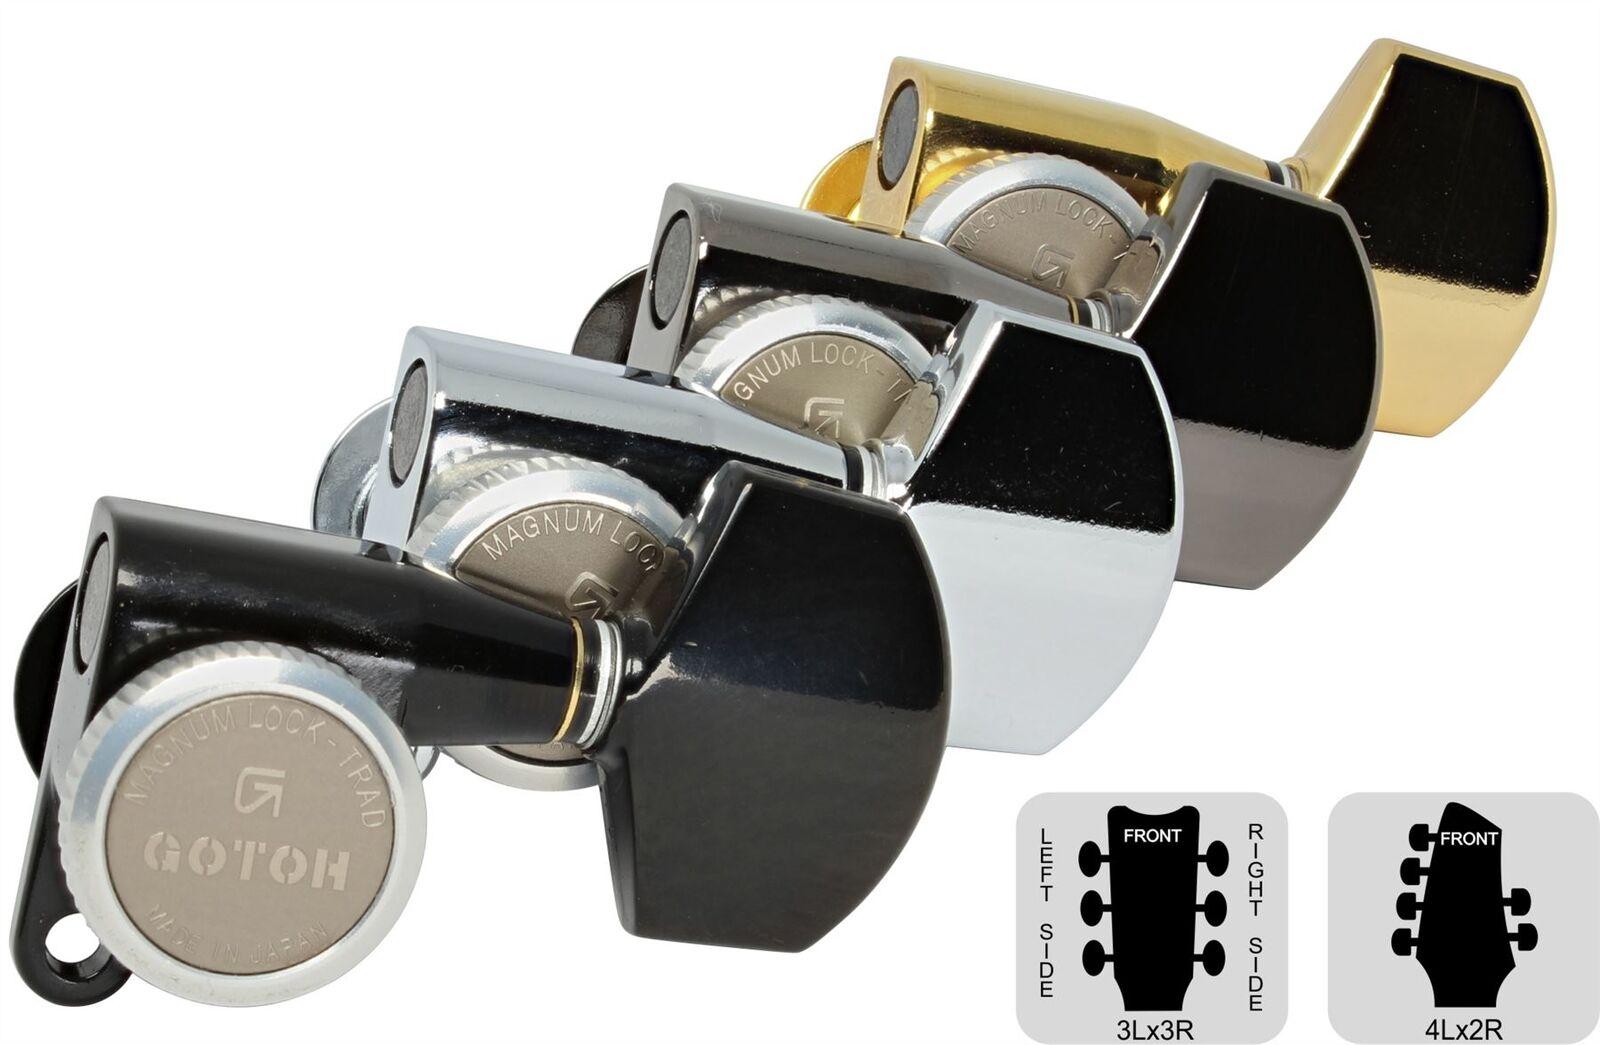 Gotoh SG360 MGT bloqueo clavijero con grandes conjuntos de perillas-pre-configuradas perillas-pre-configuradas perillas-pre-configuradas  disfruta ahorrando 30-50% de descuento